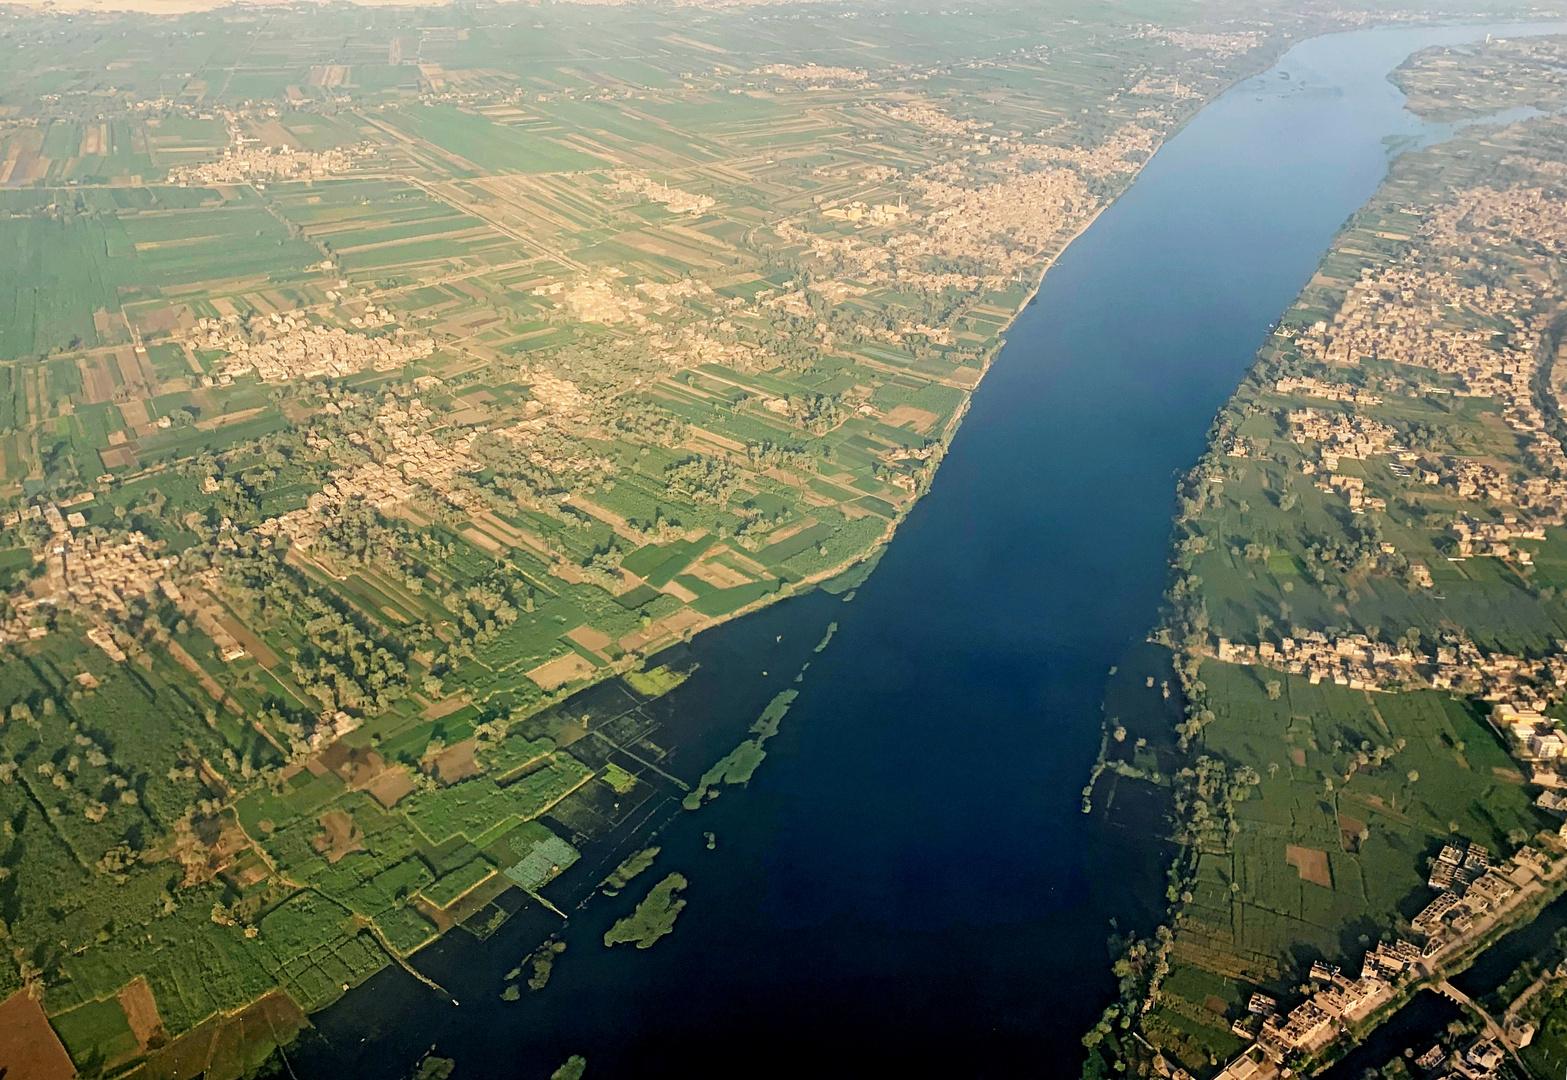 مصر تعلن عن مشروعات كبيرة لمواجهة أزمة سد النهضة